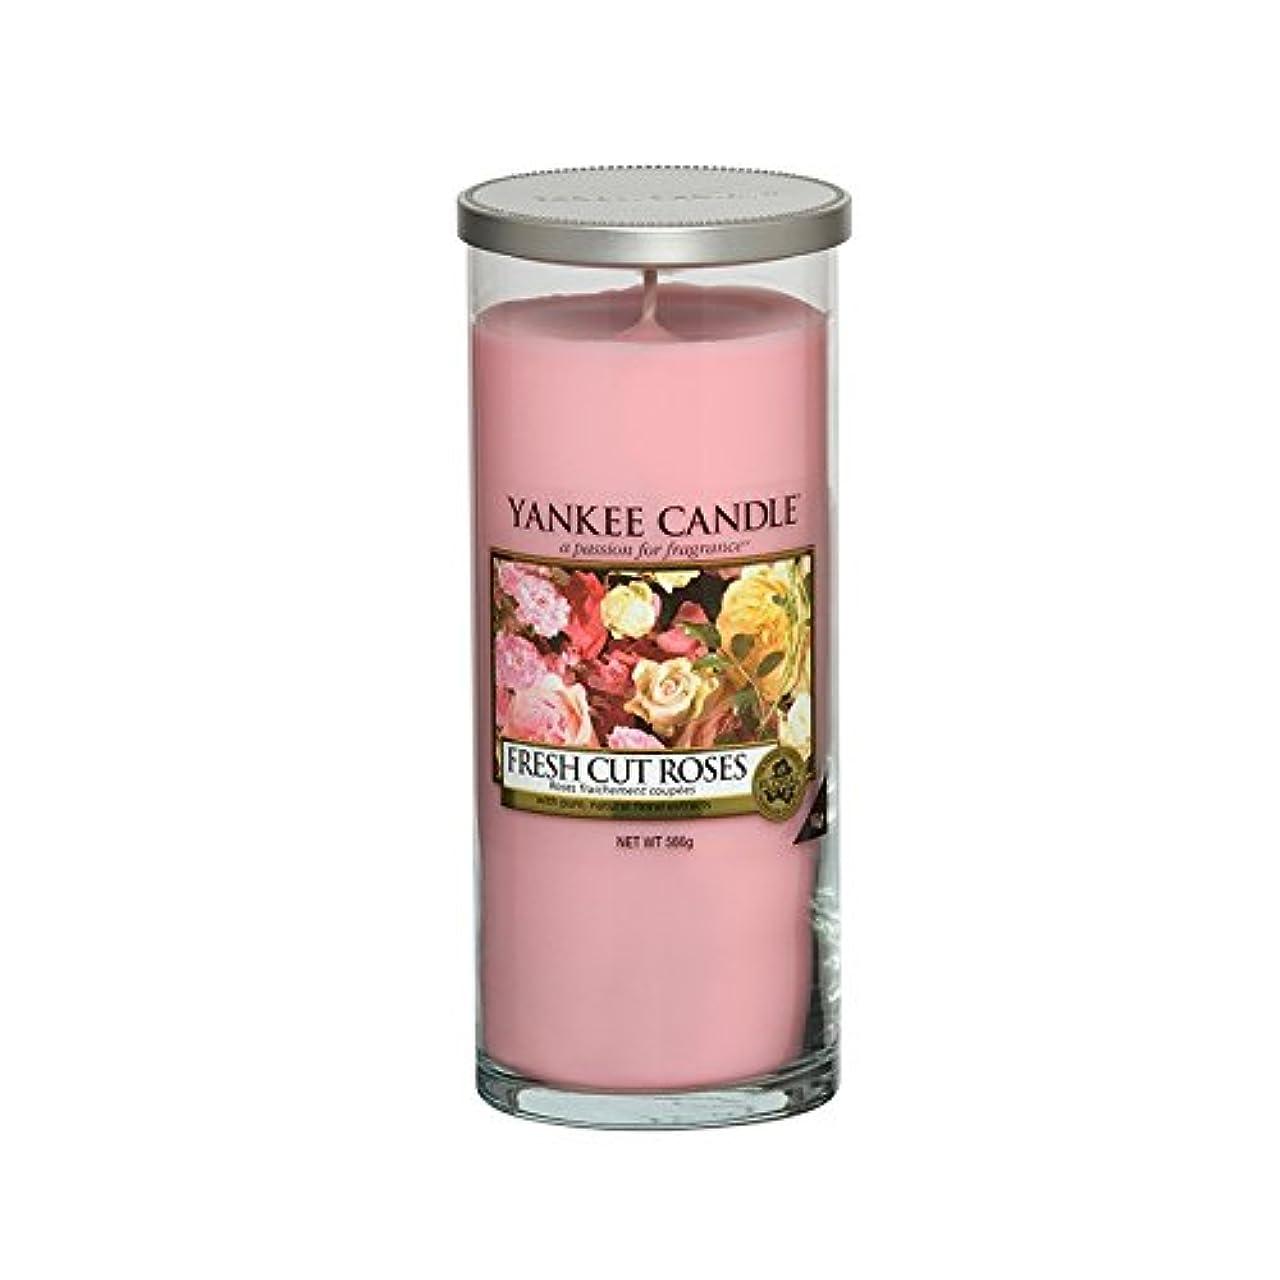 囲む不十分な噂Yankee Candles Large Pillar Candle - Fresh Cut Roses (Pack of 6) - ヤンキーキャンドル大きな柱キャンドル - 新鮮なバラ切り花 (x6) [並行輸入品]